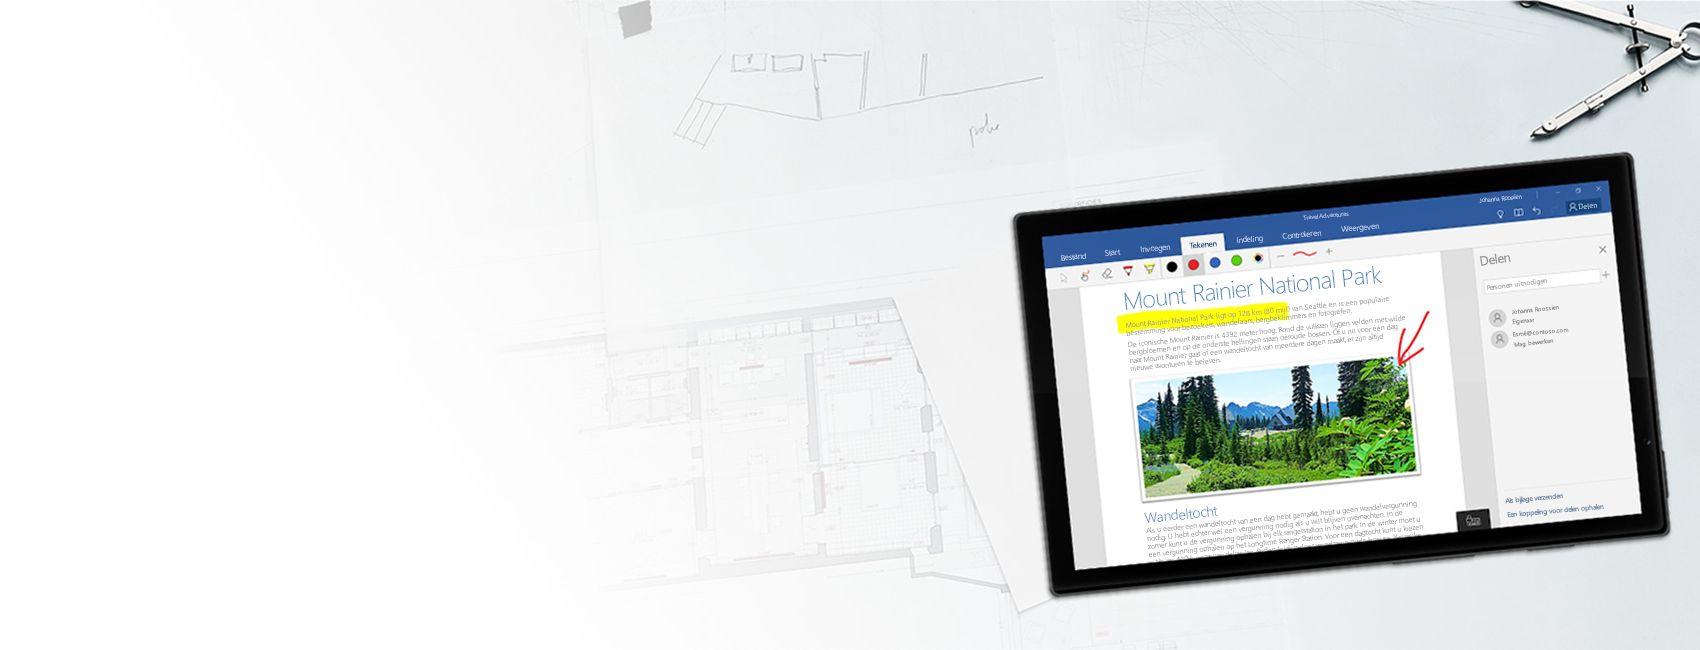 Windows-tablet met een Word-document over Mount Rainier National Park in Word voor Windows 10 Mobile